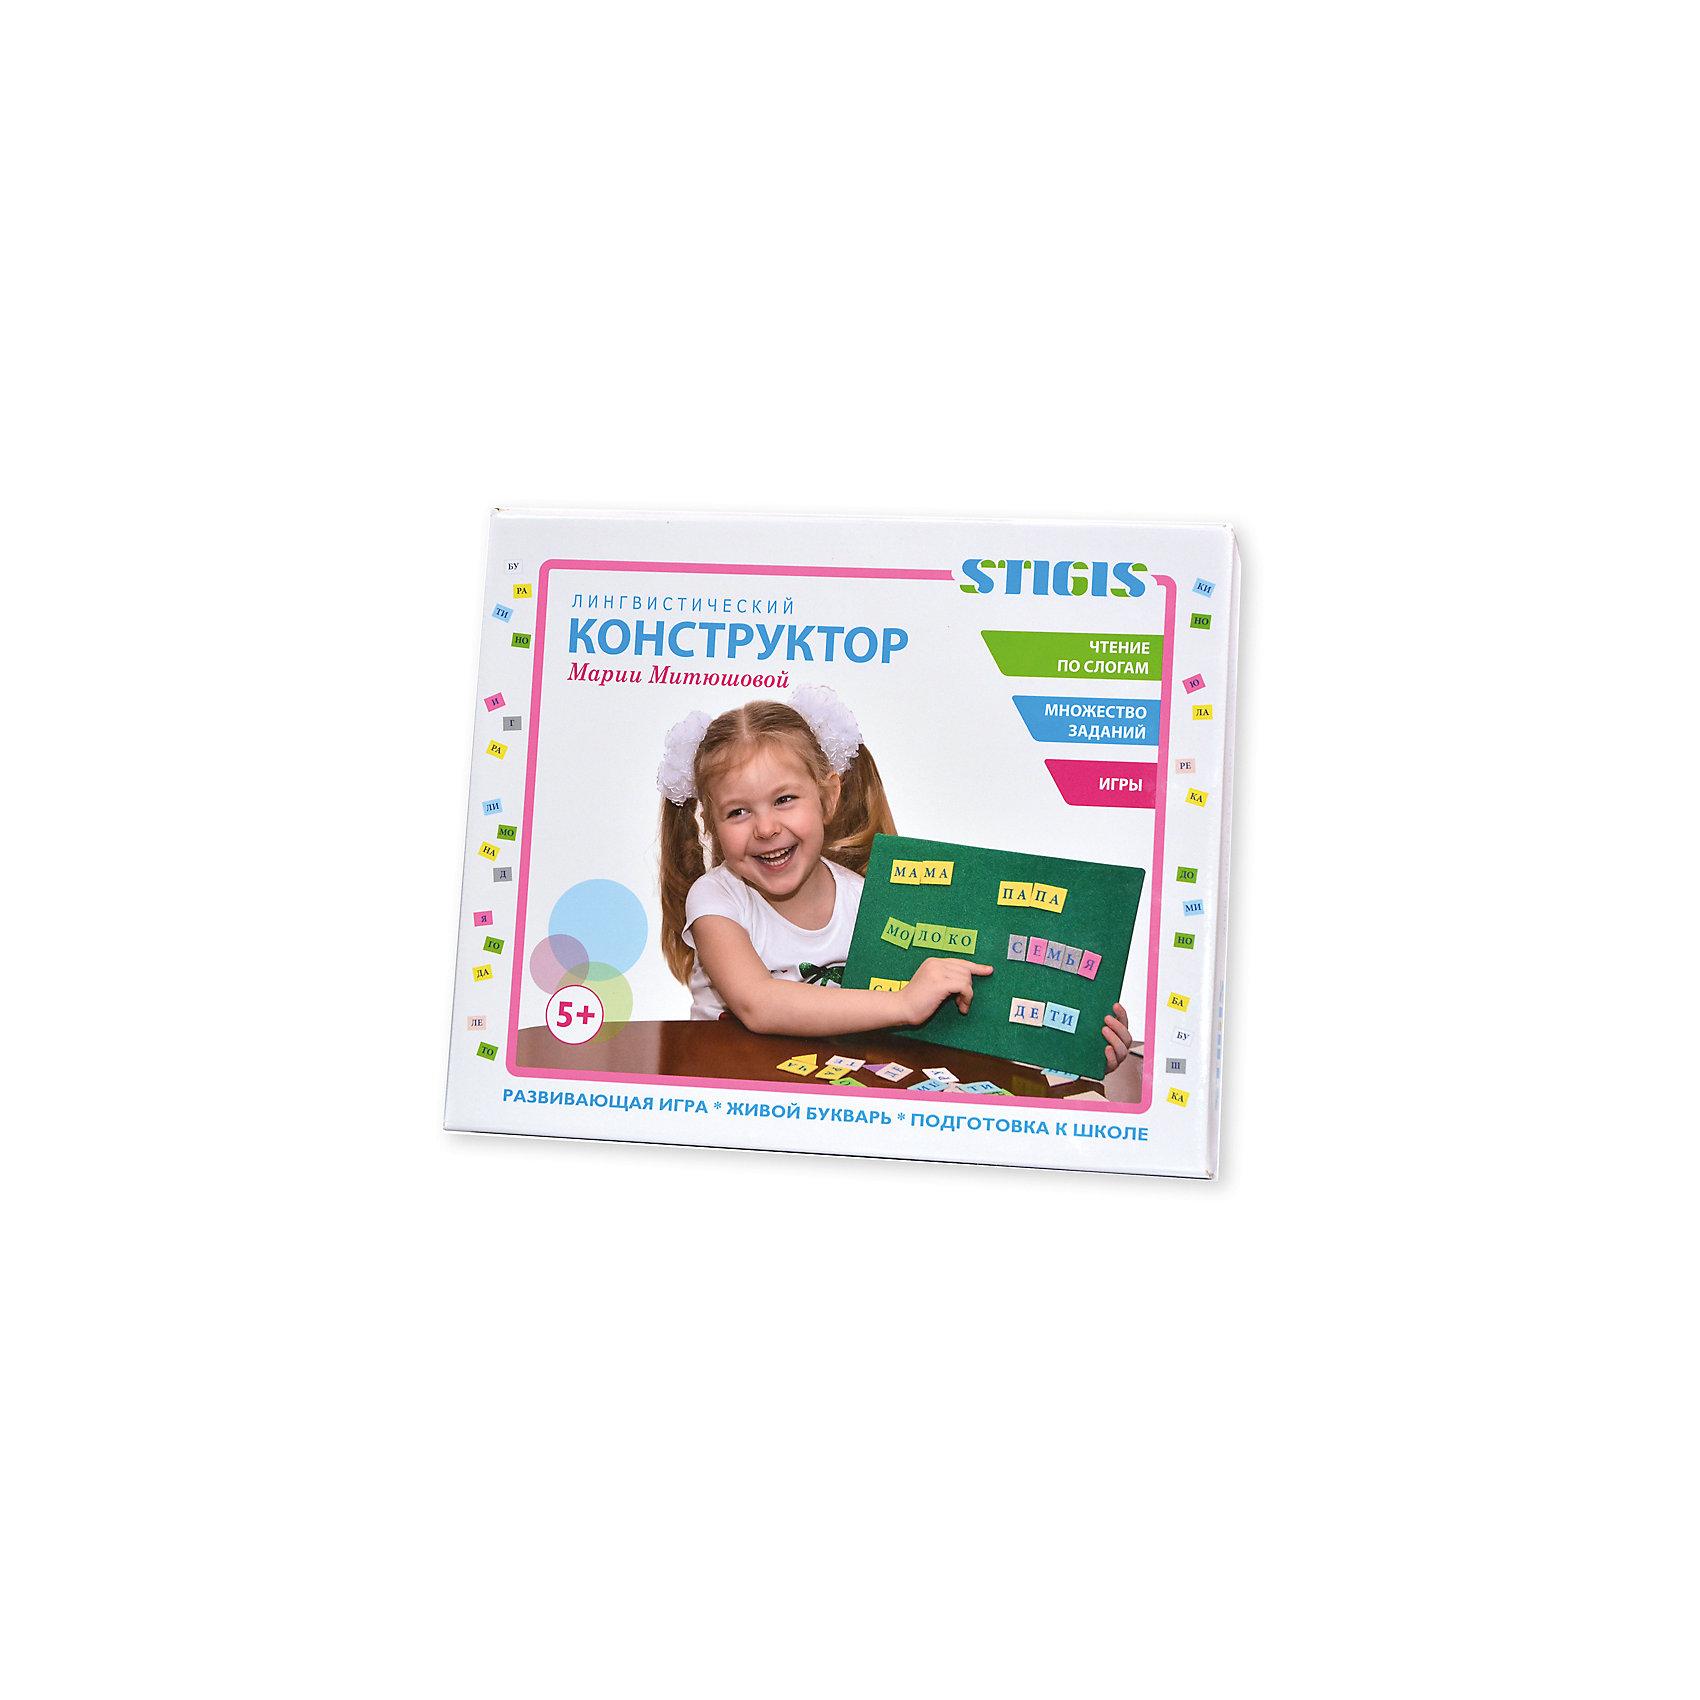 Стигисы Лингвистический конструкторХарактеристики товара:<br><br>• цвет: разноцветный<br>• размер: 37 x 31х5 см<br>• комплектация: фон рабочий 30х21 см - 1 шт.<br>фон для хранения слогов и букв 15х20 см - 4 шт.<br>карточки со слогами - 40 шт.<br>карточки с гласными буквами - 10 шт.<br>карточки с согласными буквами - 23 шт.<br>карточки без букв - 4 шт.<br>сборник с заданиями и играми - 1 шт.<br>• материал: бумага, текстиль<br>• возраст: от пяти лет<br>• для подготовки к школе<br><br>Овладевать новыми навыками и познавать мир можно очень интересно! Такой лингвистический конструктор станет отличным подарком ребенку и его родителям - ведь с помощью него можно научиться читать, пополнить словарный запас и при этом весело провести время. Набор состоит из карточек со слогами и буквами, которые легко крепятся к рабочему или одна на другую, а это - огромное количество комбинаций. <br>Набор снабжен тщательно проработанным методическим пособием, в нем - множество игр и заданий. <br>Такое занятие помогают детям развивать важные навыки и способности, оно активизирует мышление, формирует усидчивость, логику, абстрактное мышление и воображение. Изделие производится из качественных и проверенных материалов, которые безопасны для детей.<br><br>Стигисы Лингвистический конструктор можно купить в нашем интернет-магазине.<br><br>Ширина мм: 370<br>Глубина мм: 310<br>Высота мм: 50<br>Вес г: 600<br>Возраст от месяцев: 60<br>Возраст до месяцев: 84<br>Пол: Унисекс<br>Возраст: Детский<br>SKU: 5218393